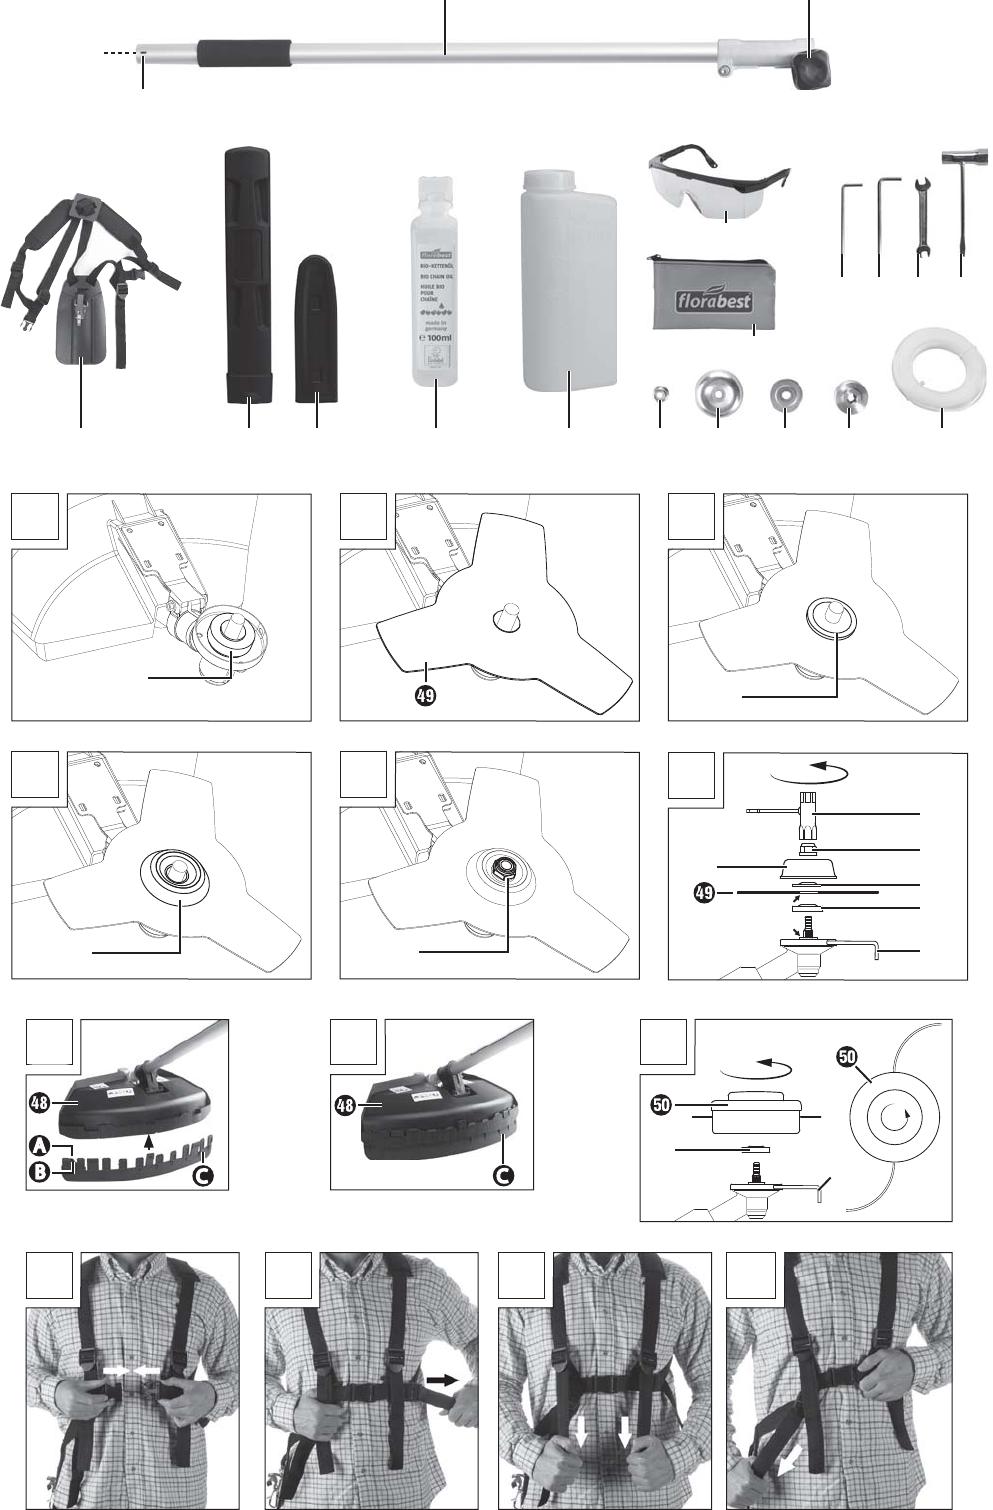 handleiding florabest fbk 4 b2 4 in 1 ian 273489 pagina 4 van 96 dansk nederlands. Black Bedroom Furniture Sets. Home Design Ideas